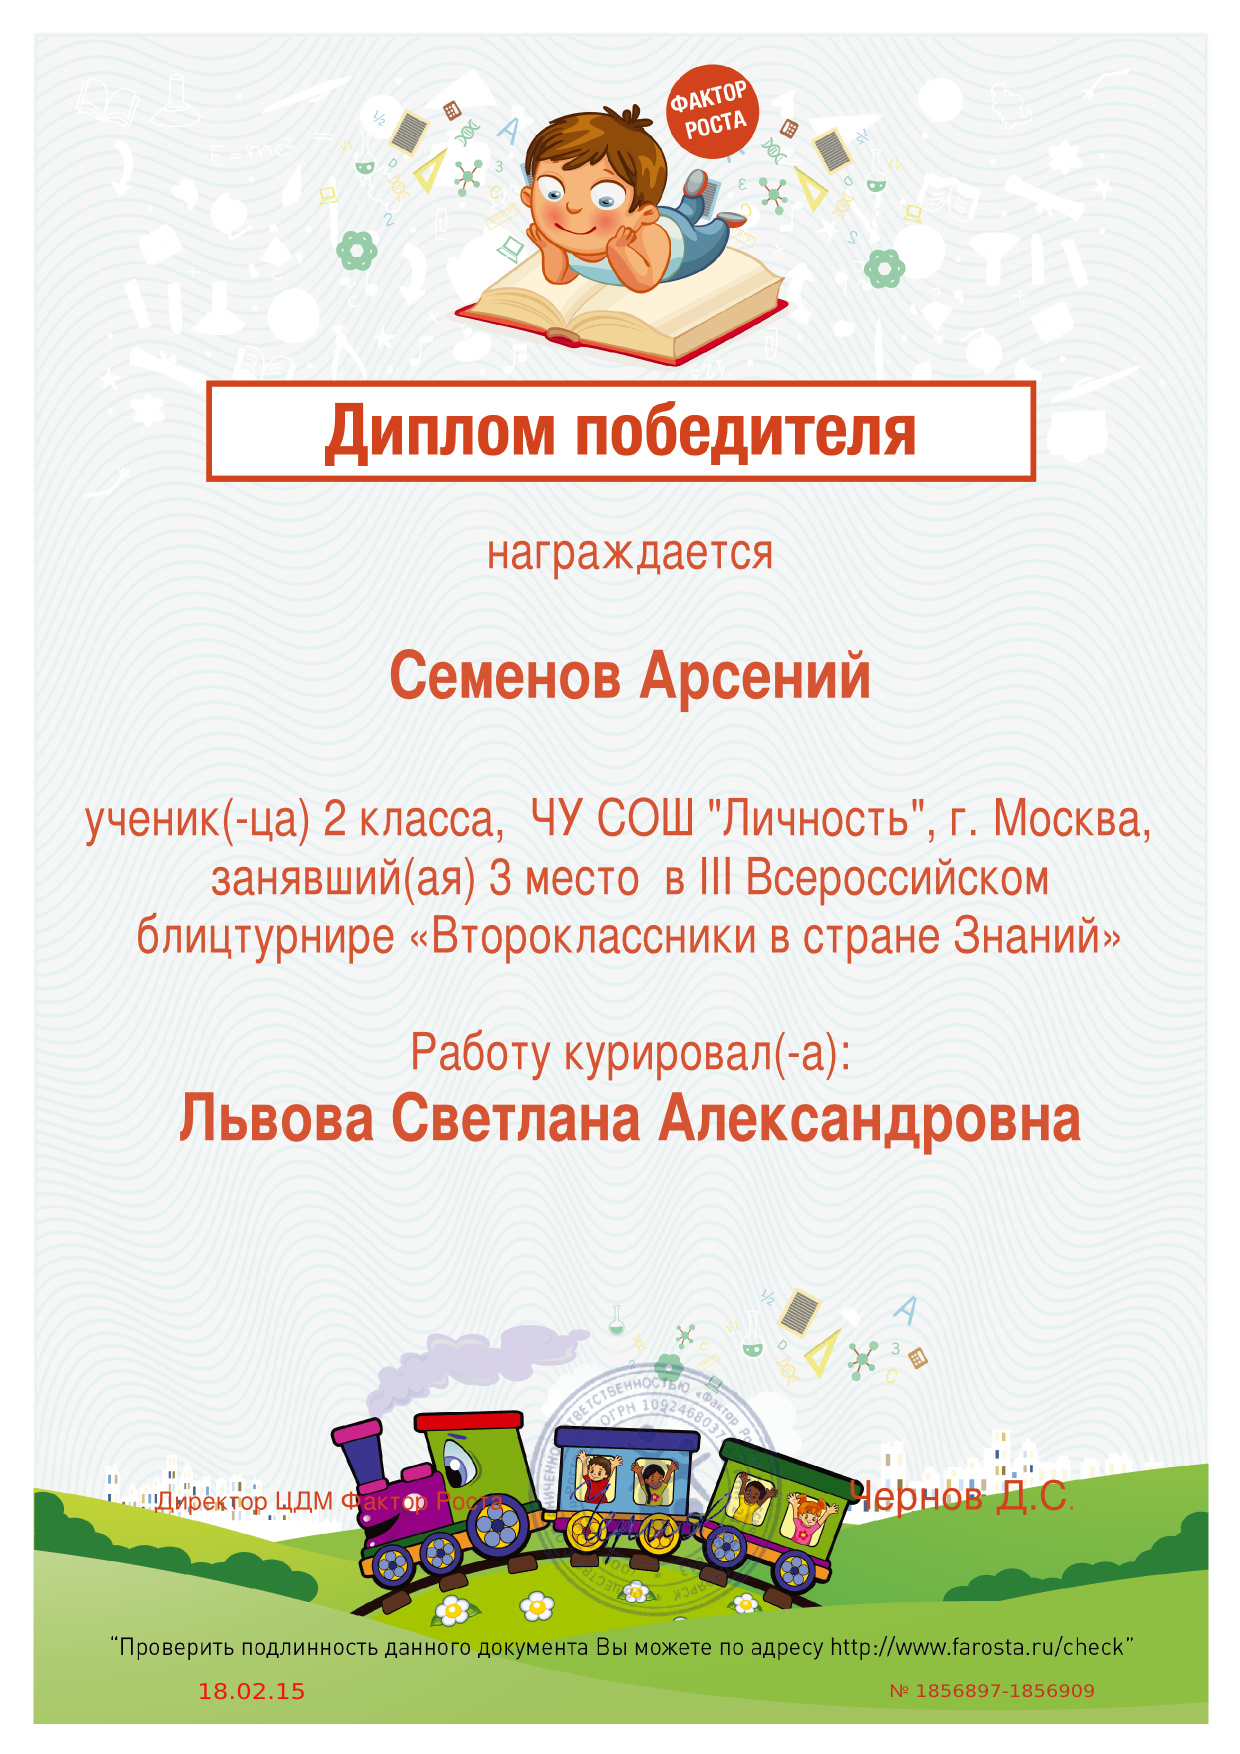 """Поздравляем Семёнова Арсения, занявшего 3 место в III Всероссийском блицтурнире """"Второклассники в стране Знаний""""!"""